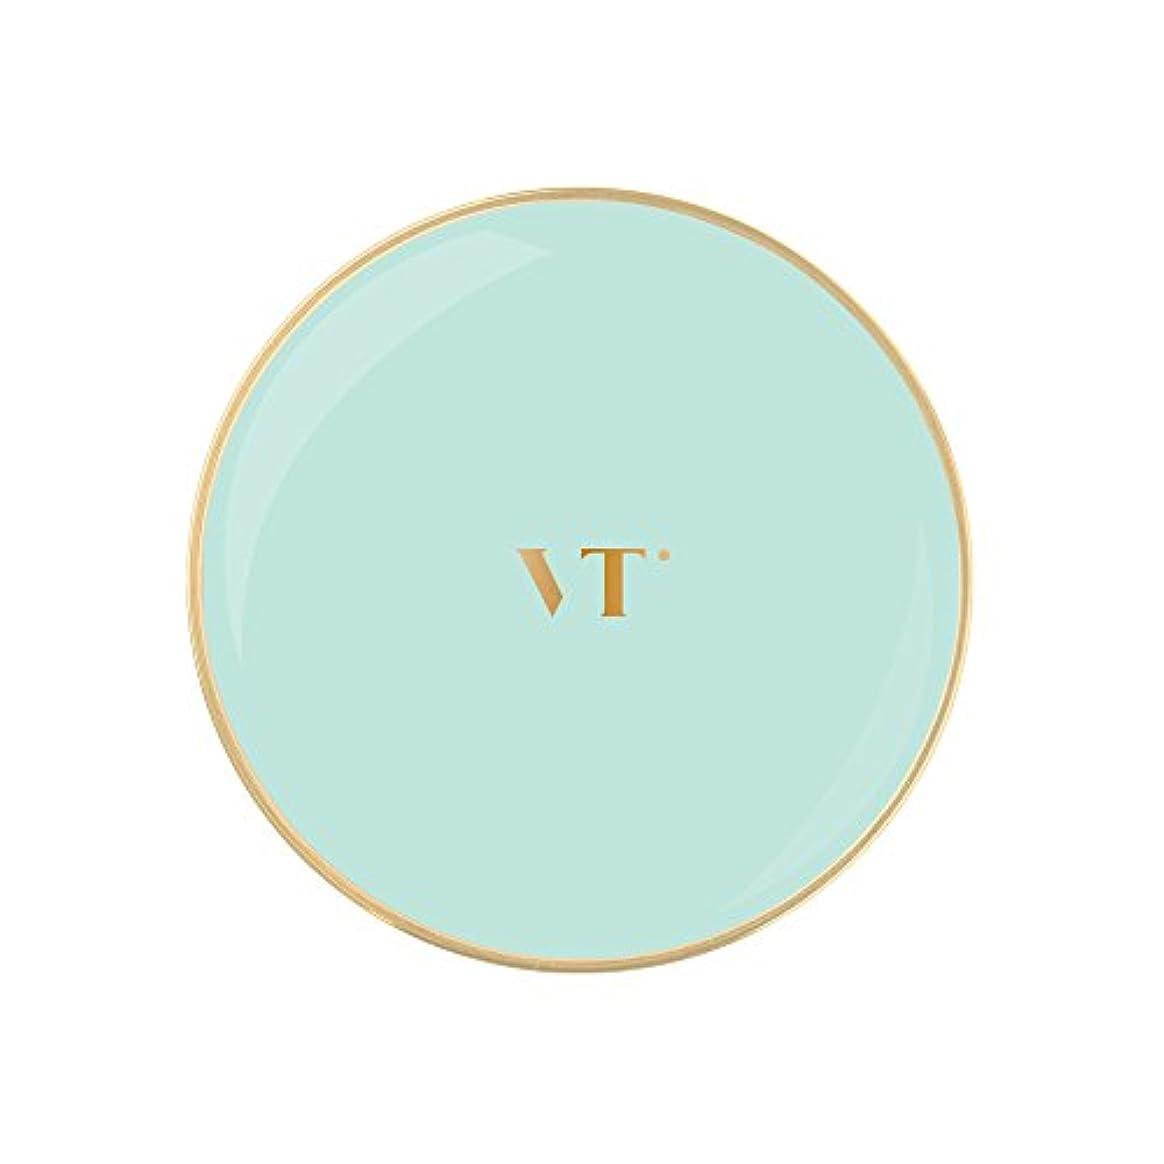 ほとんどない協力するボタンVT Blue Collagen Pact 11g/ブイティー ブルー コラーゲン パクト 11g (#21) [並行輸入品]